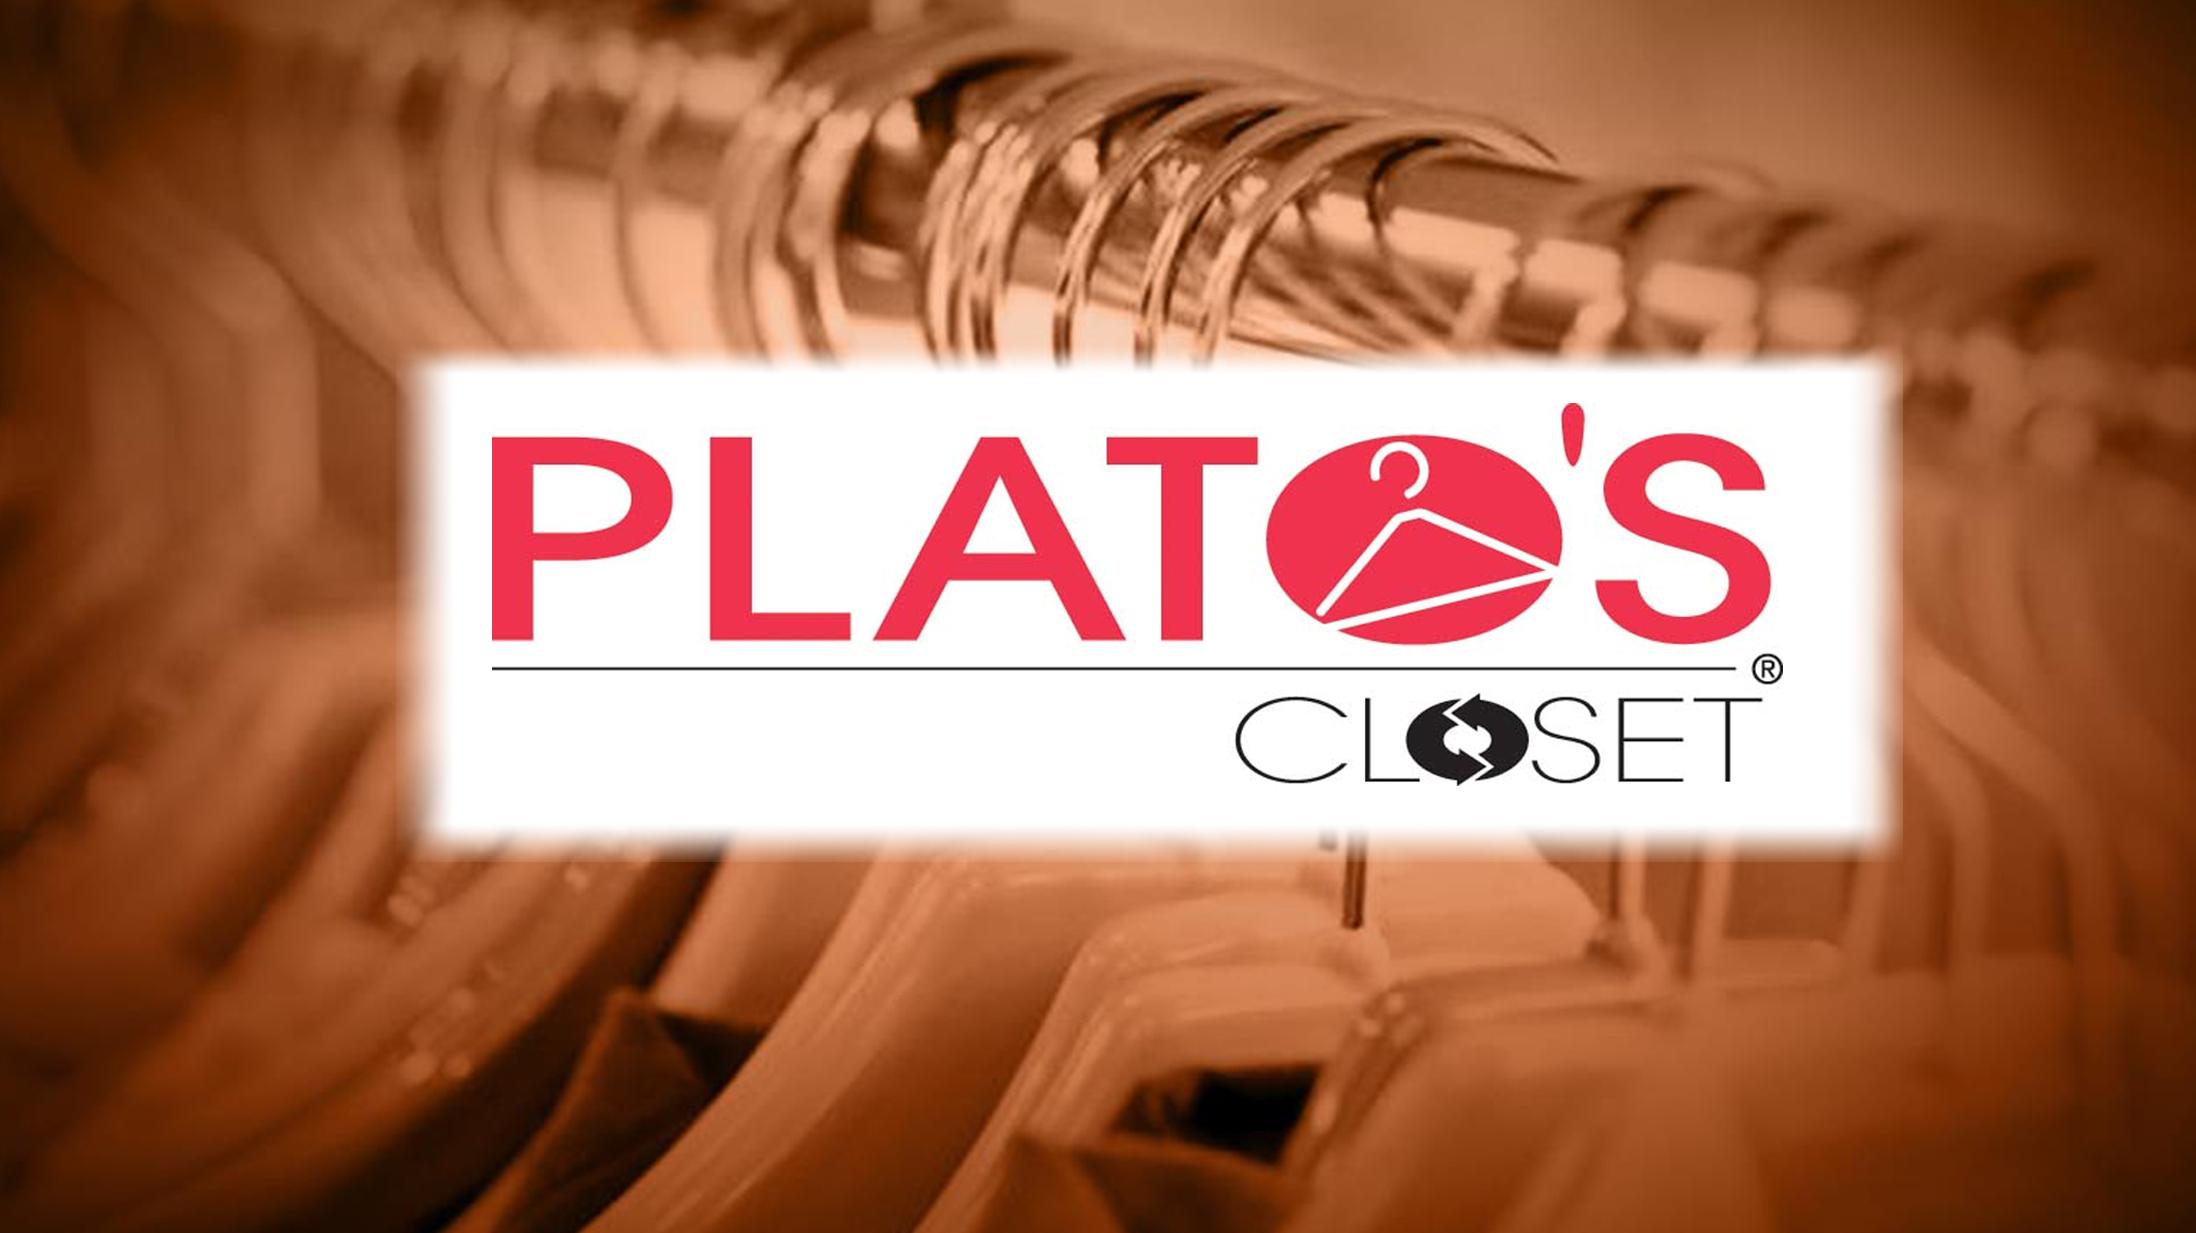 Platos Closet_1444429522045.jpg